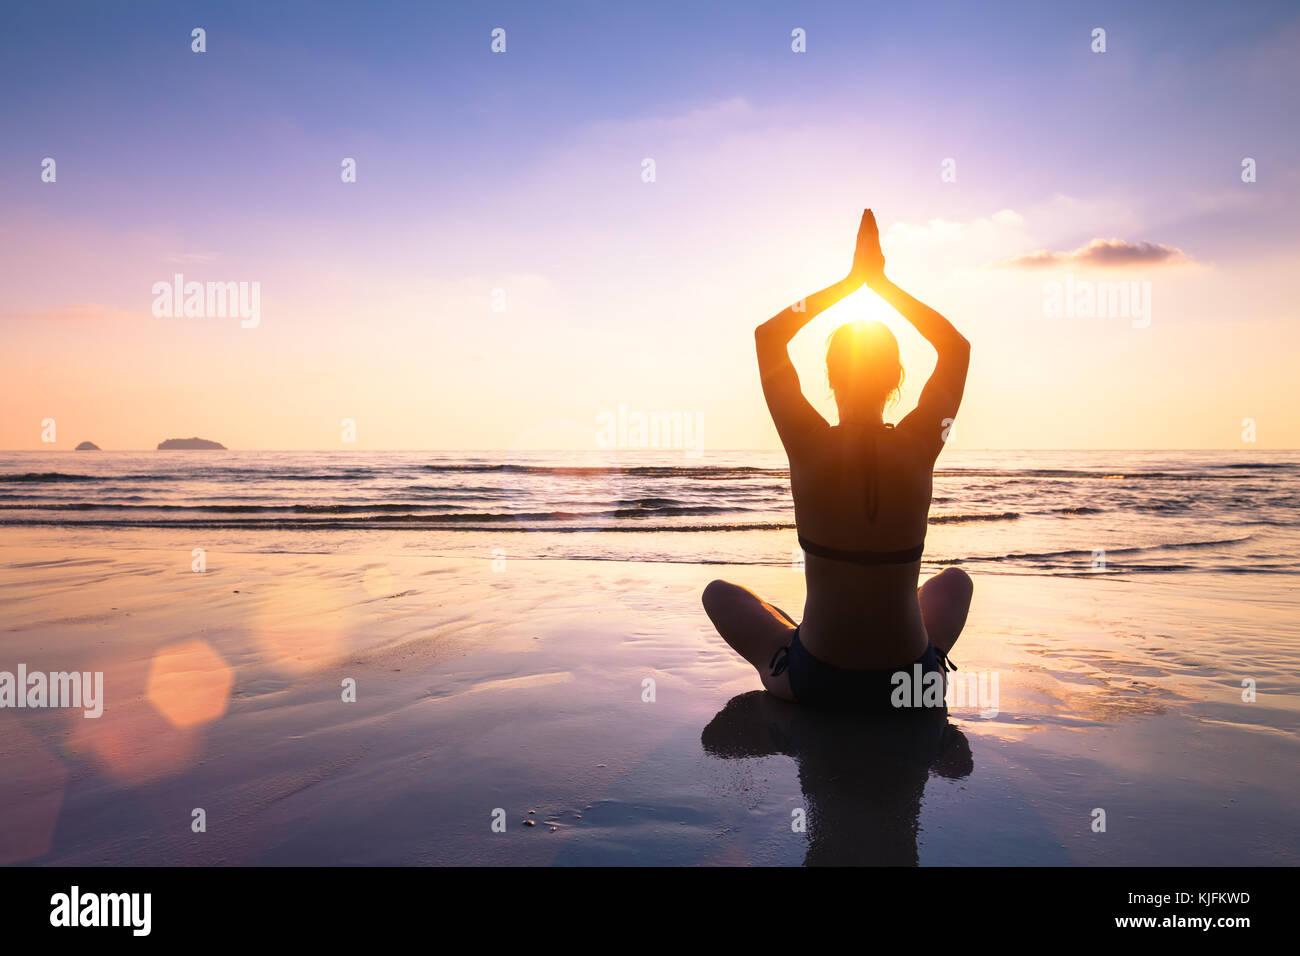 El yoga y la meditación en la calma tranquila playa al atardecer, colocar joven Imagen De Stock